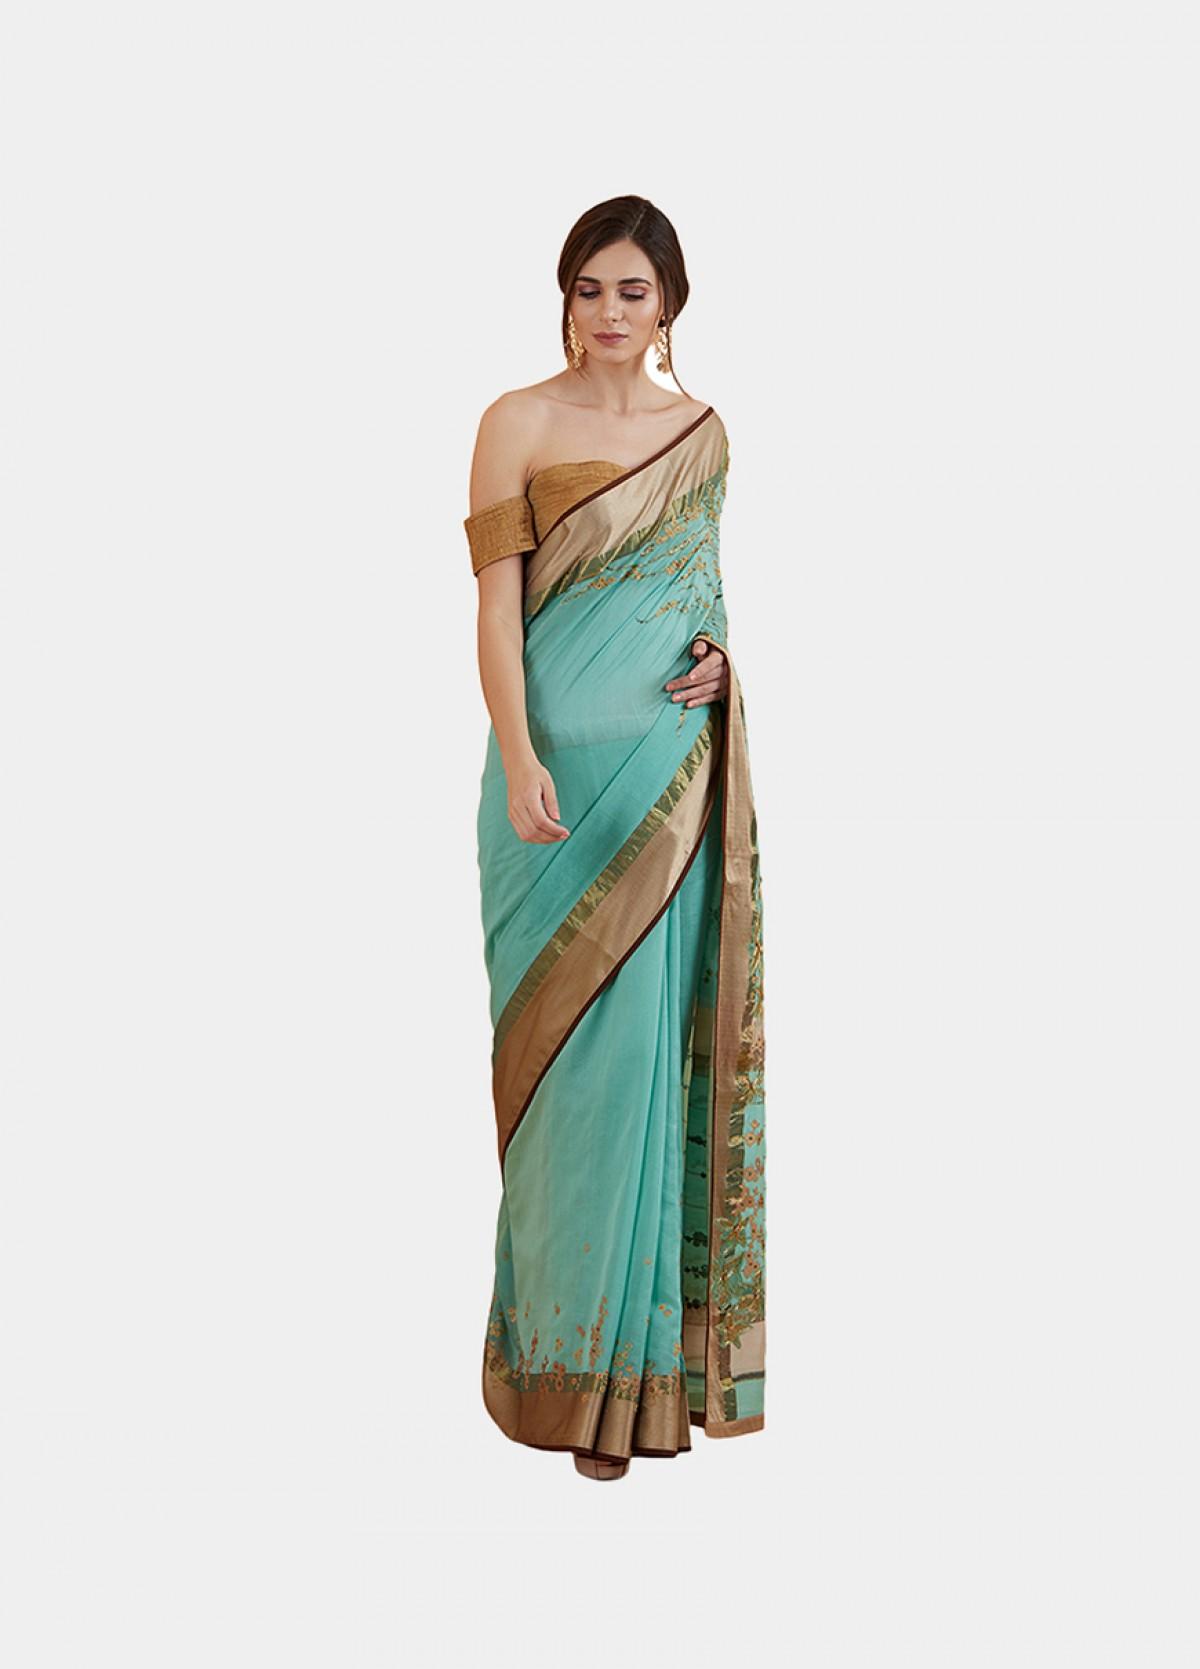 The Taar Sari